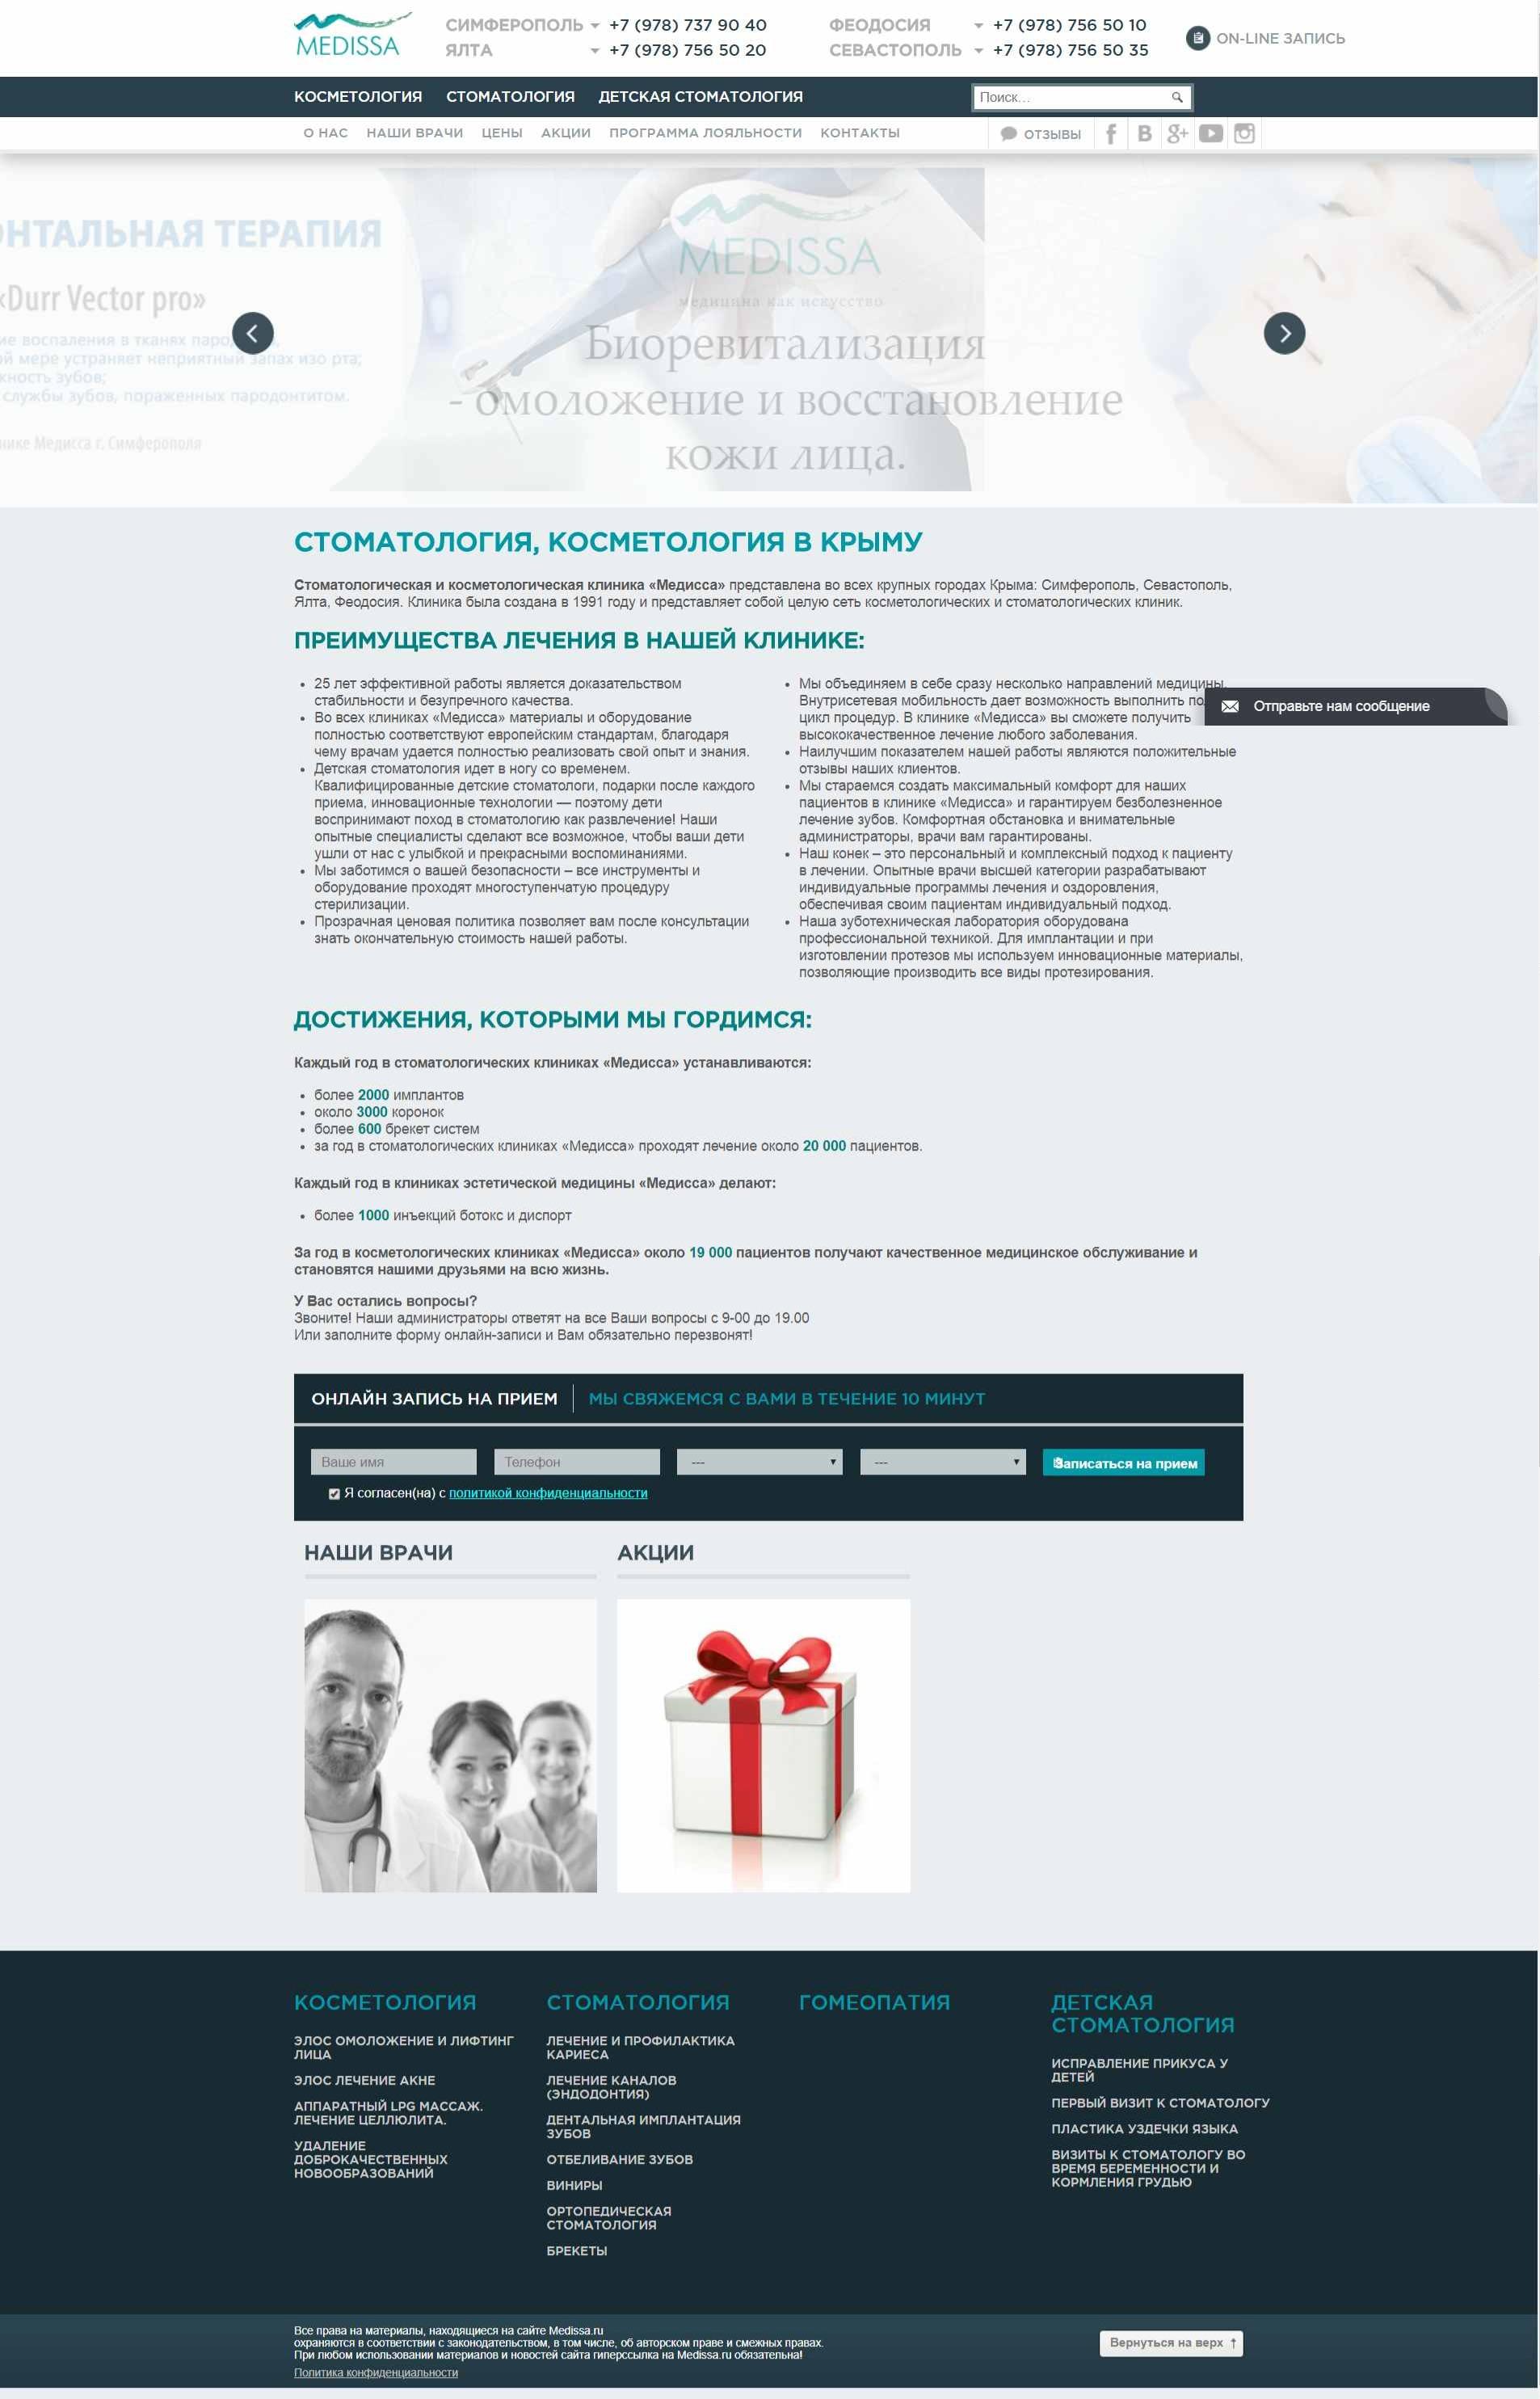 screenshot-www-medissa-ruhttp-www-medissa-ru